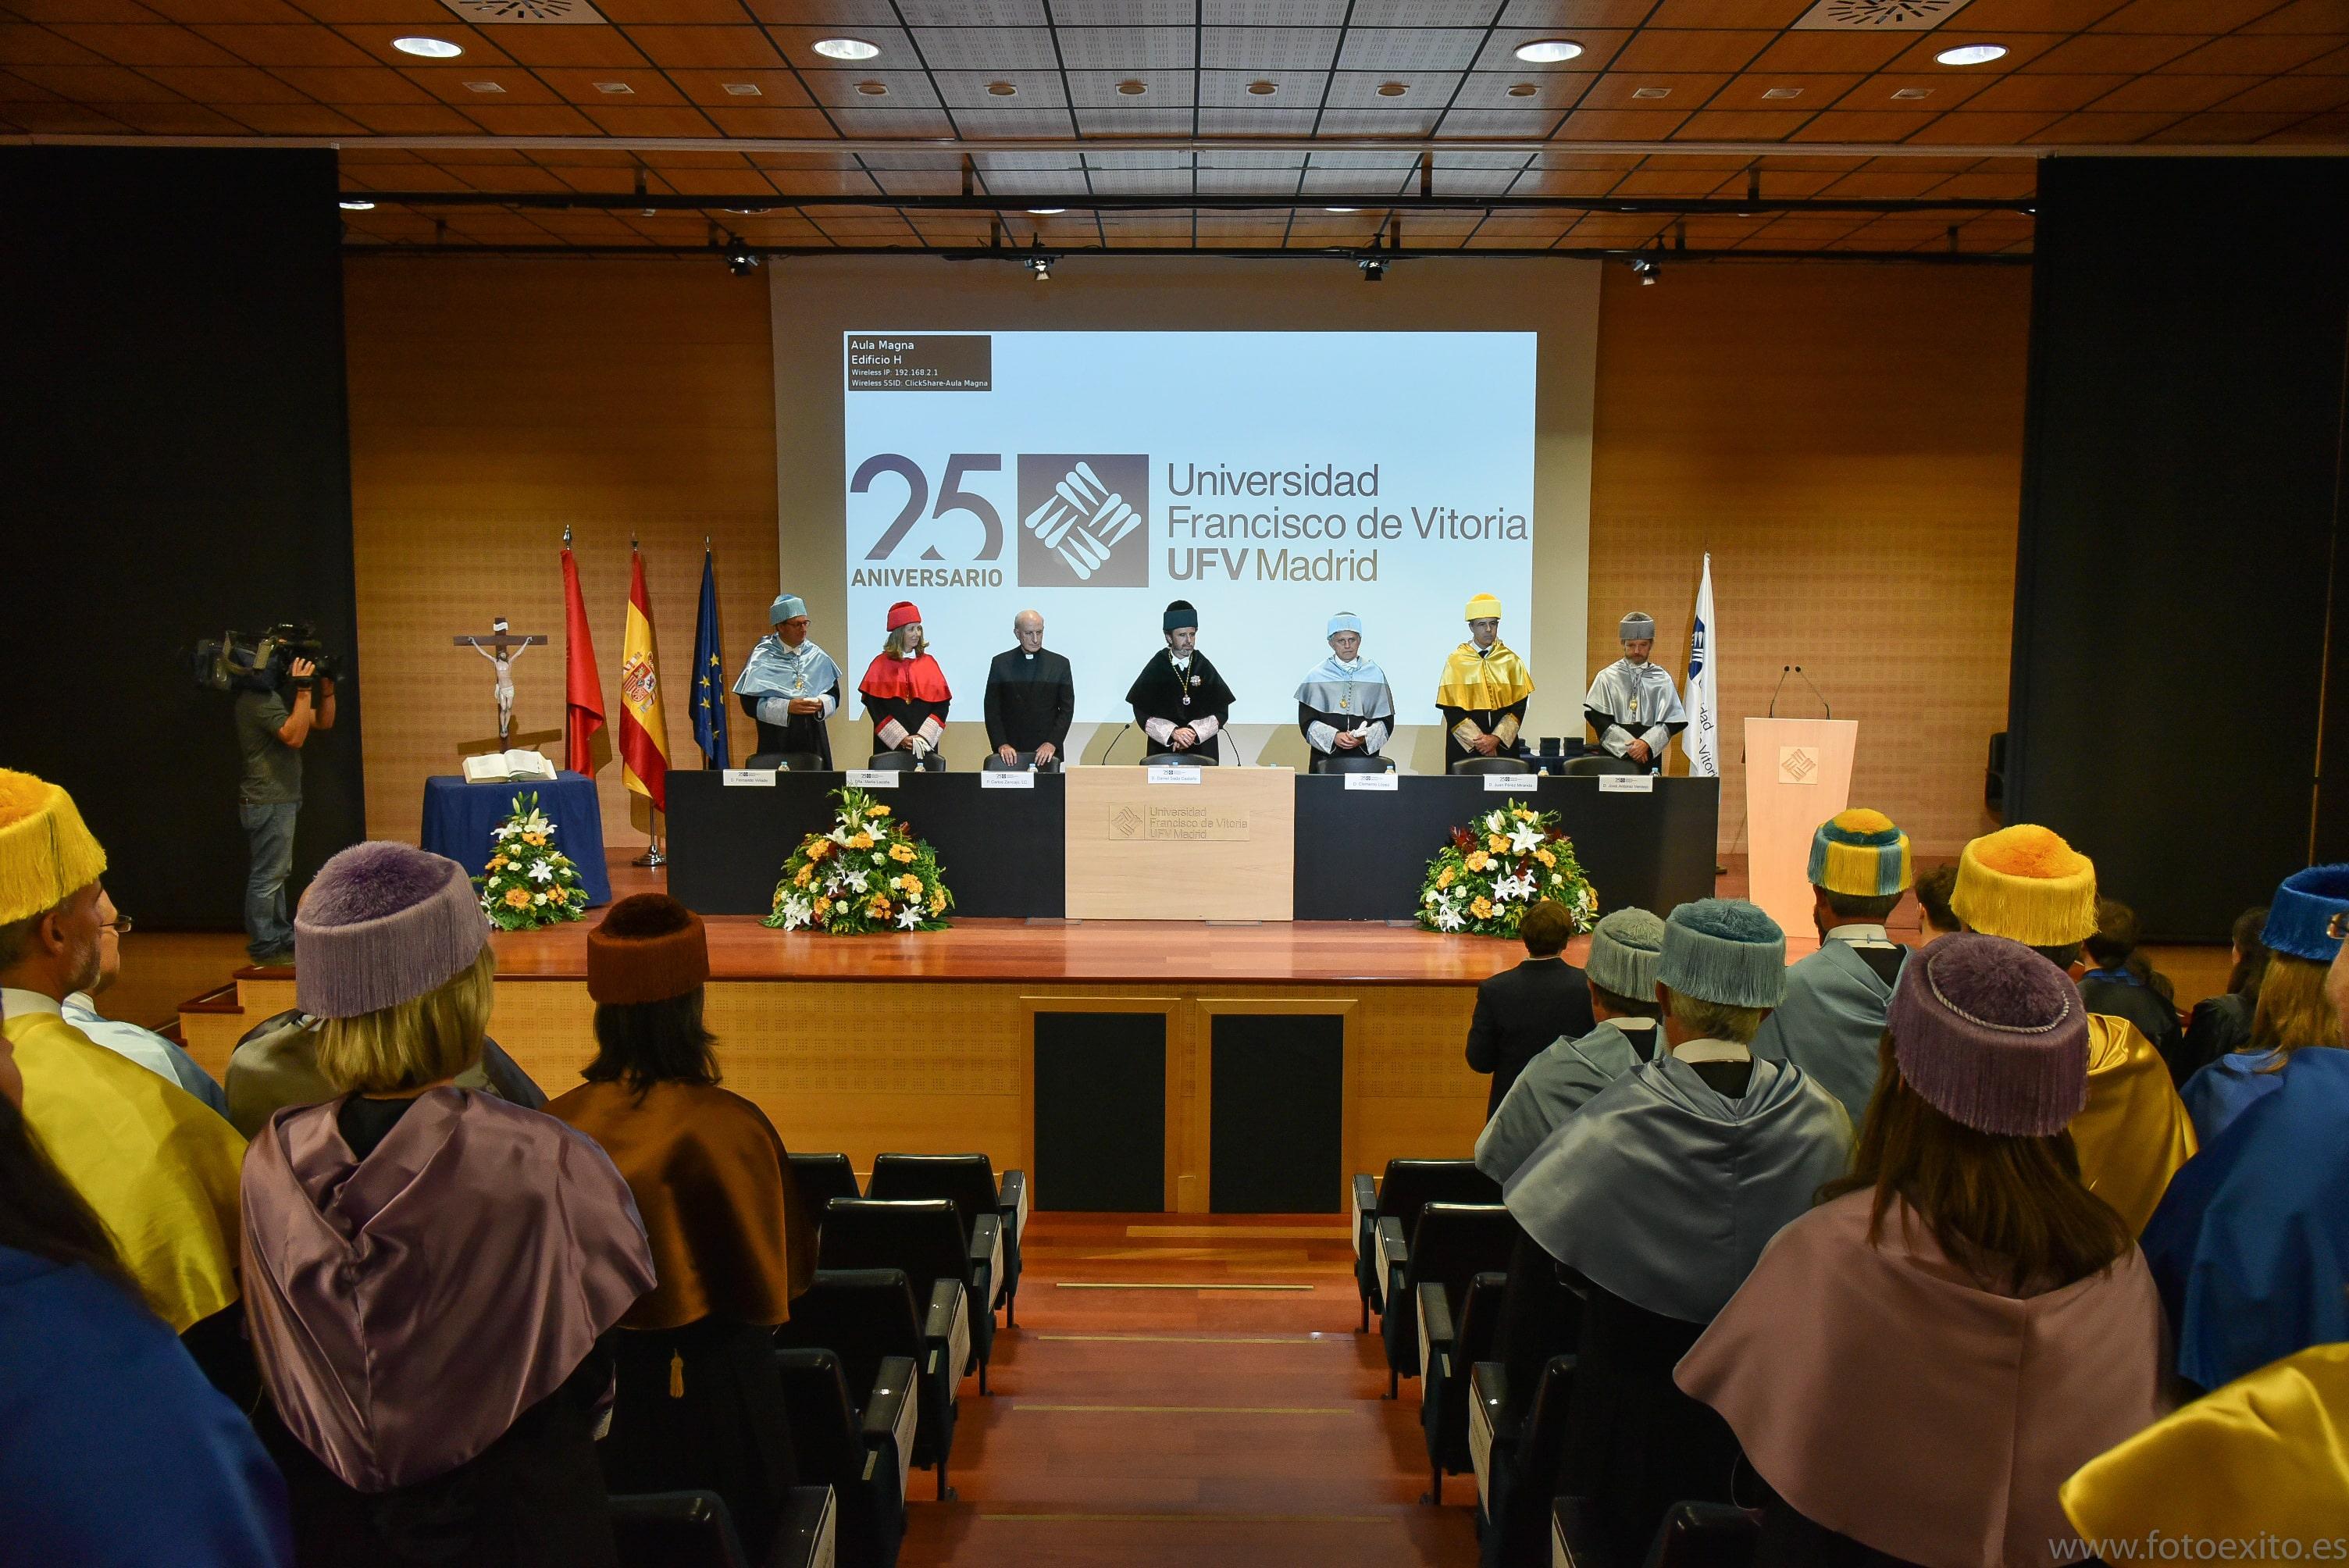 180928 UFV 233 min Actos académicos curso 2018/2019 Estudiar en Universidad Privada Madrid